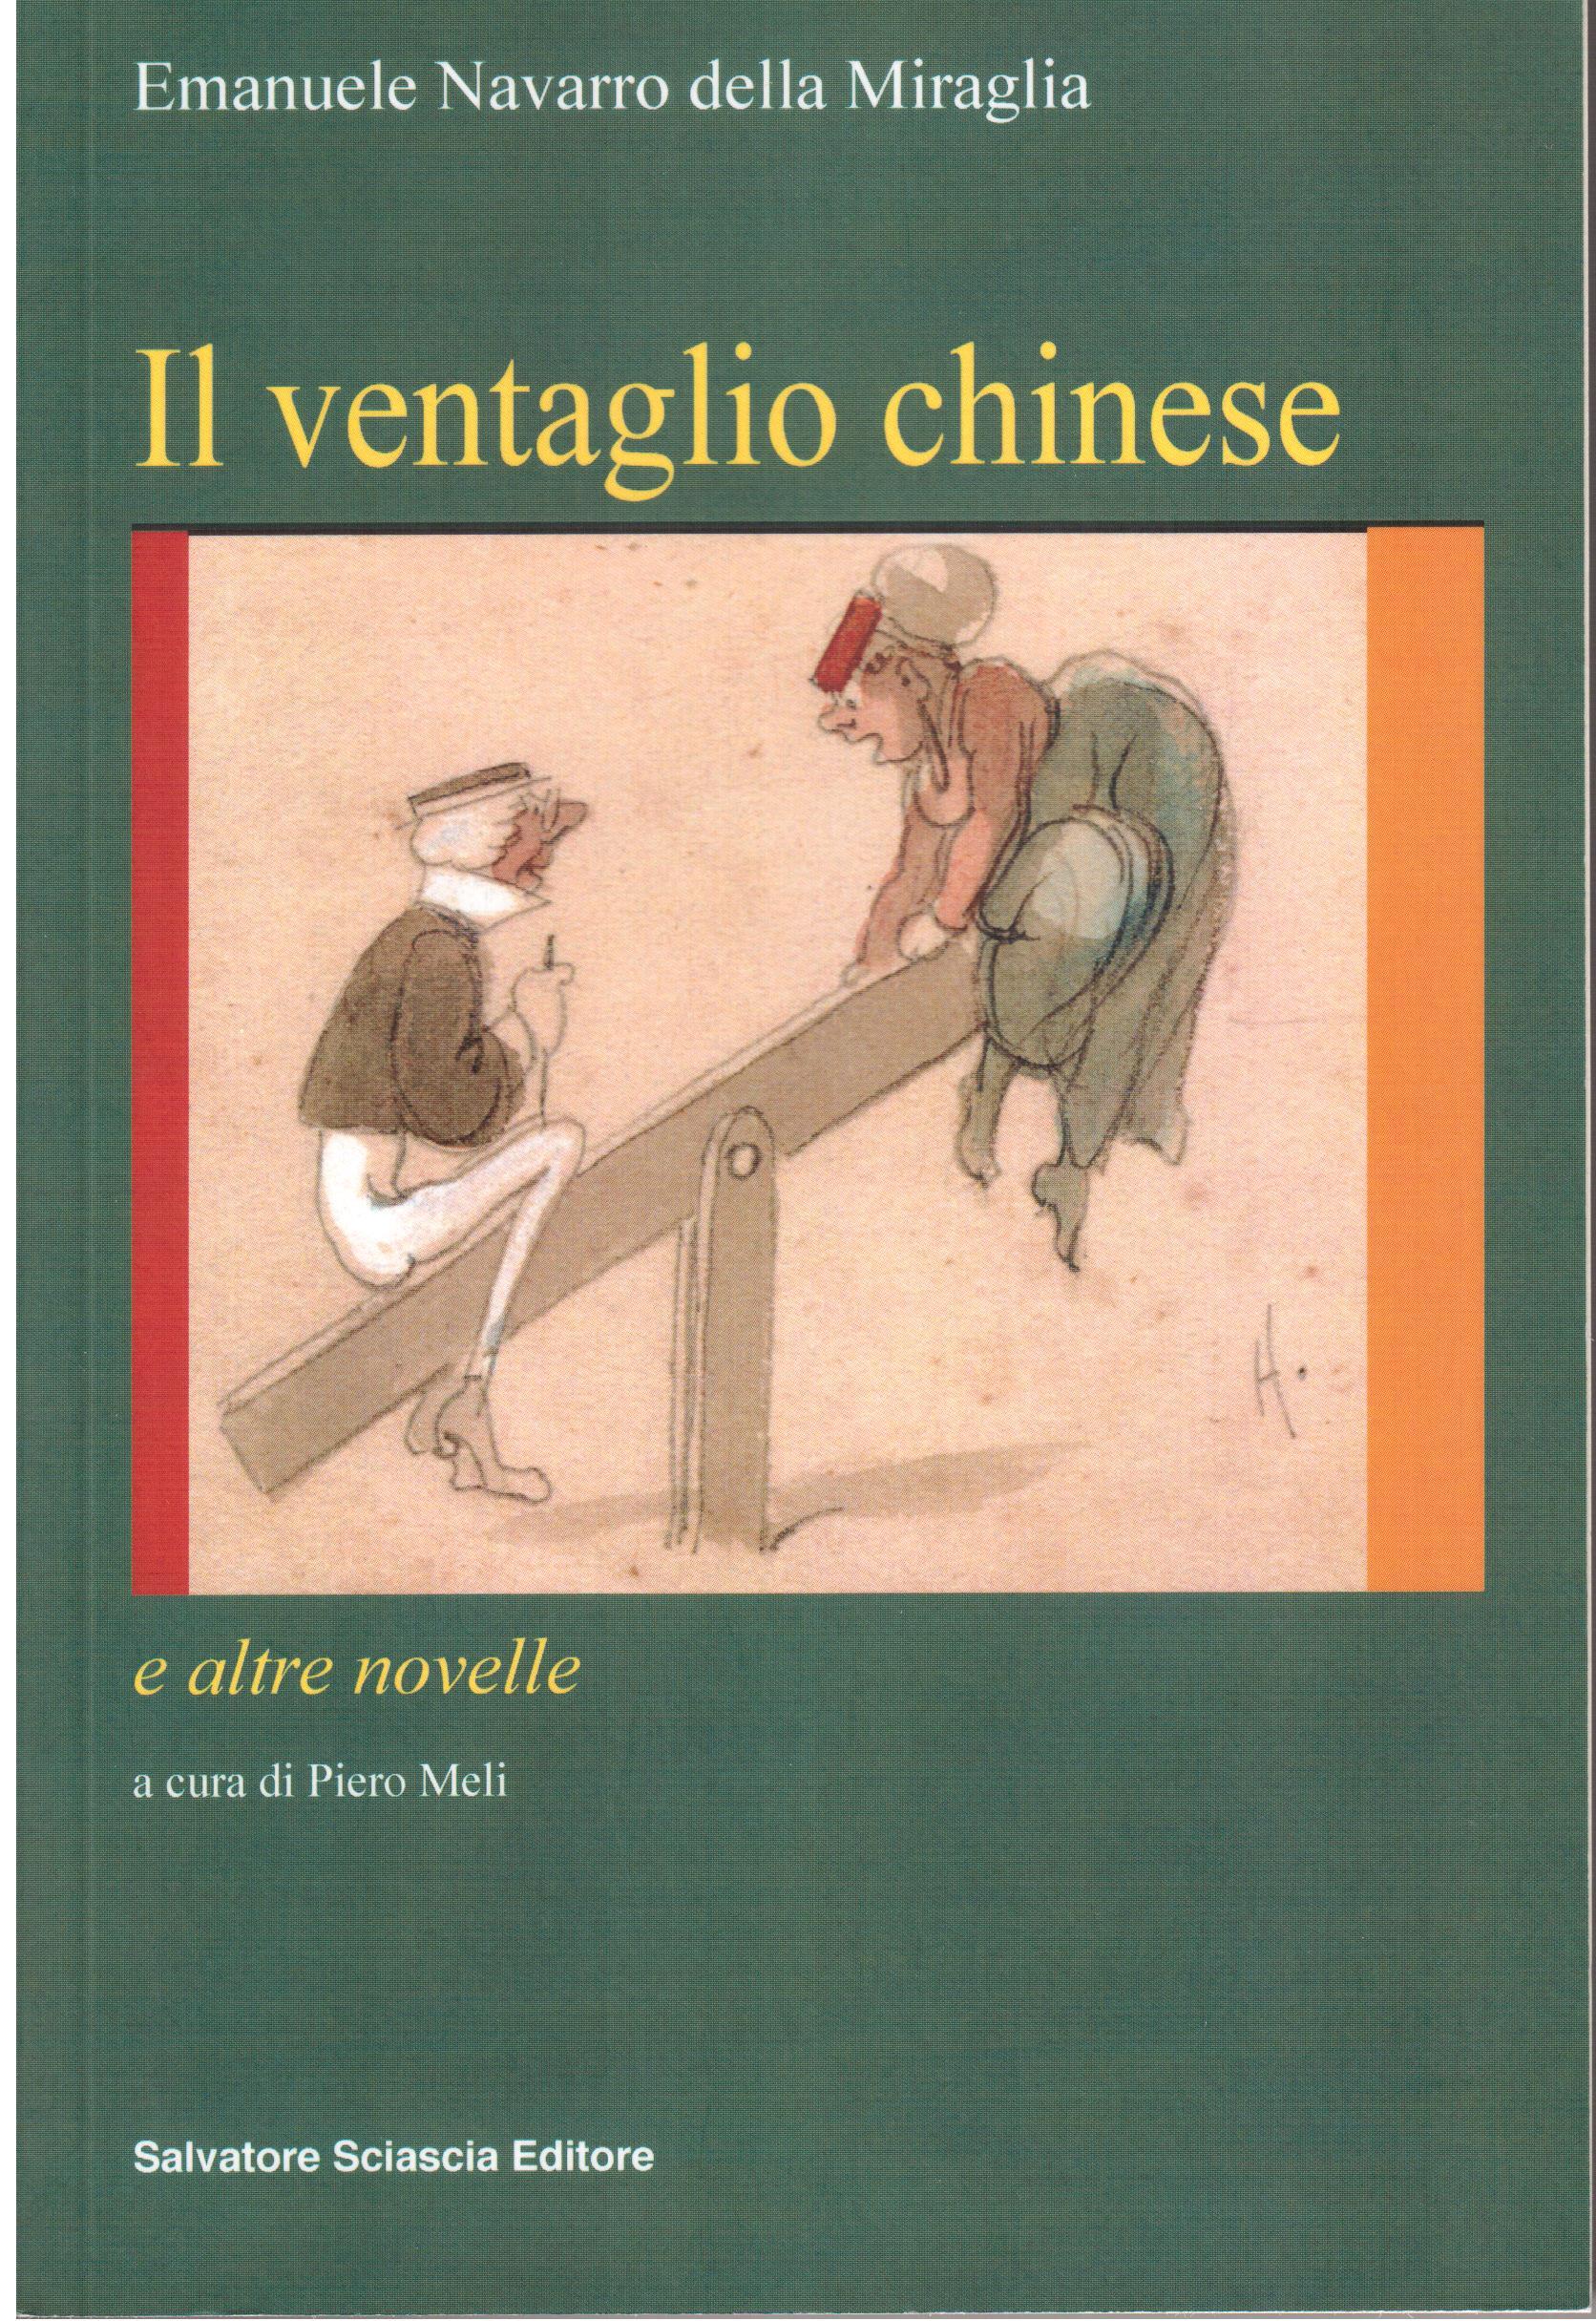 Il ventaglio chinese e altre novelle - Emanuele Navarro della Miraglia